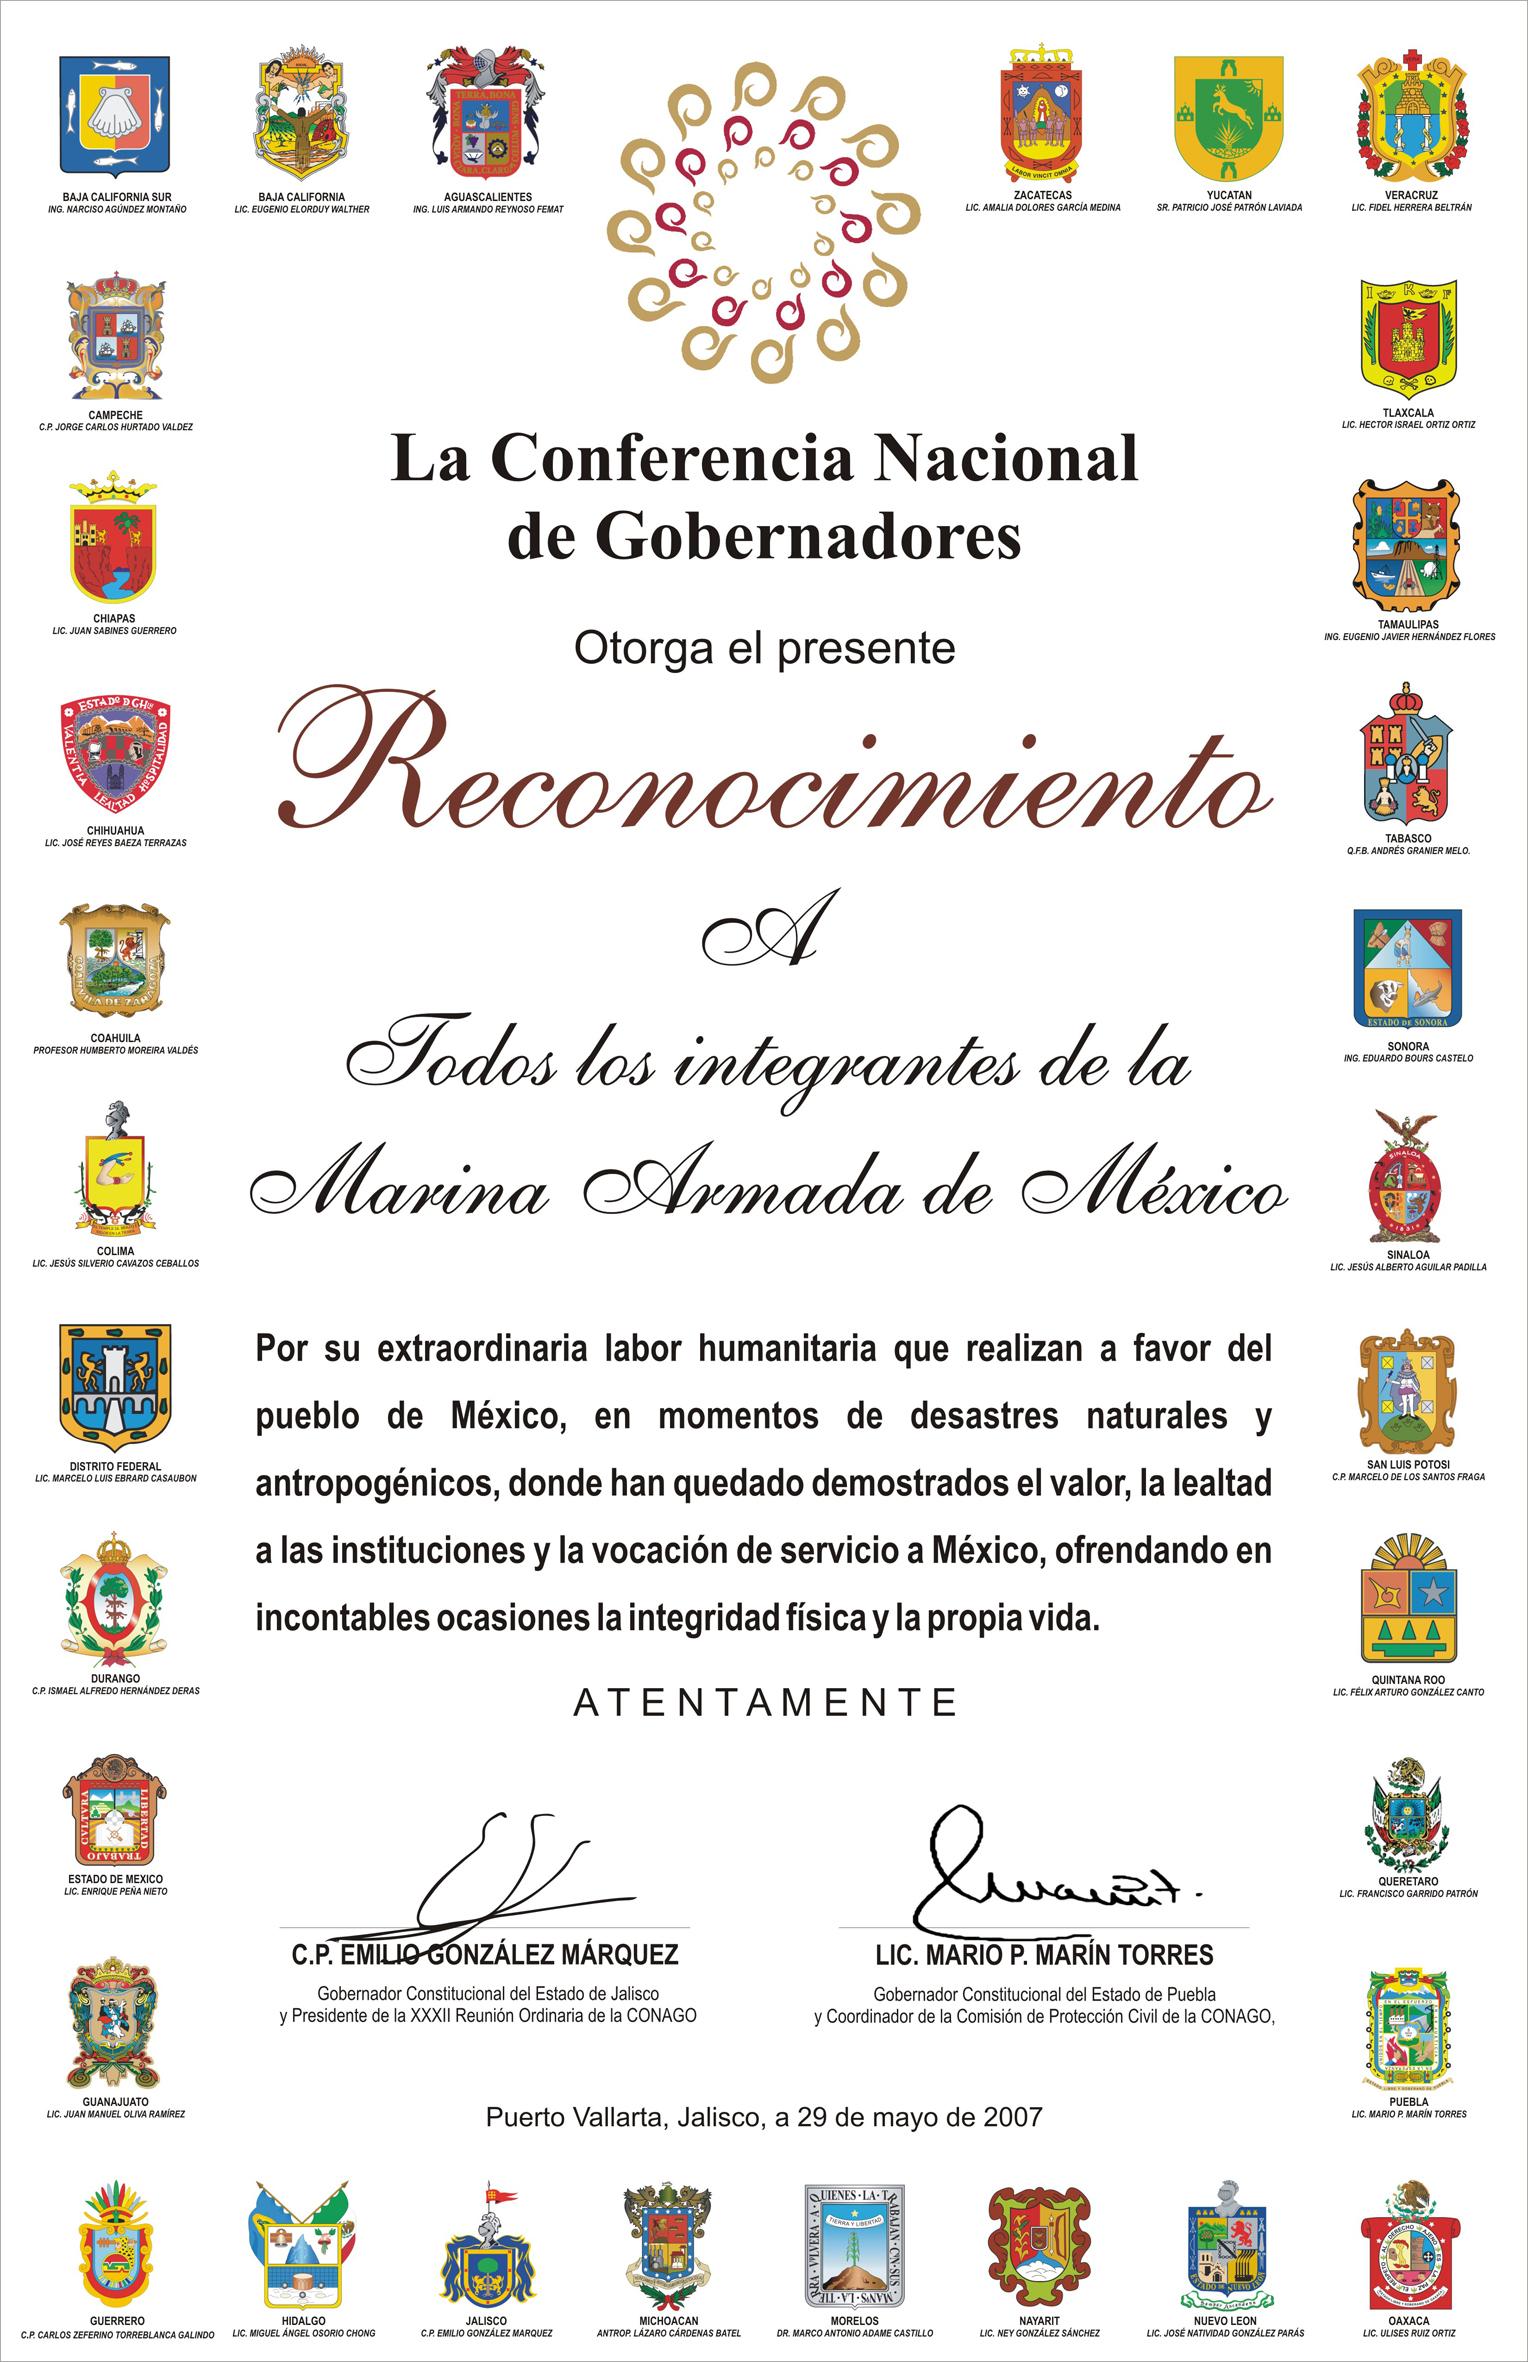 de la conferencia nacional de gobernadores